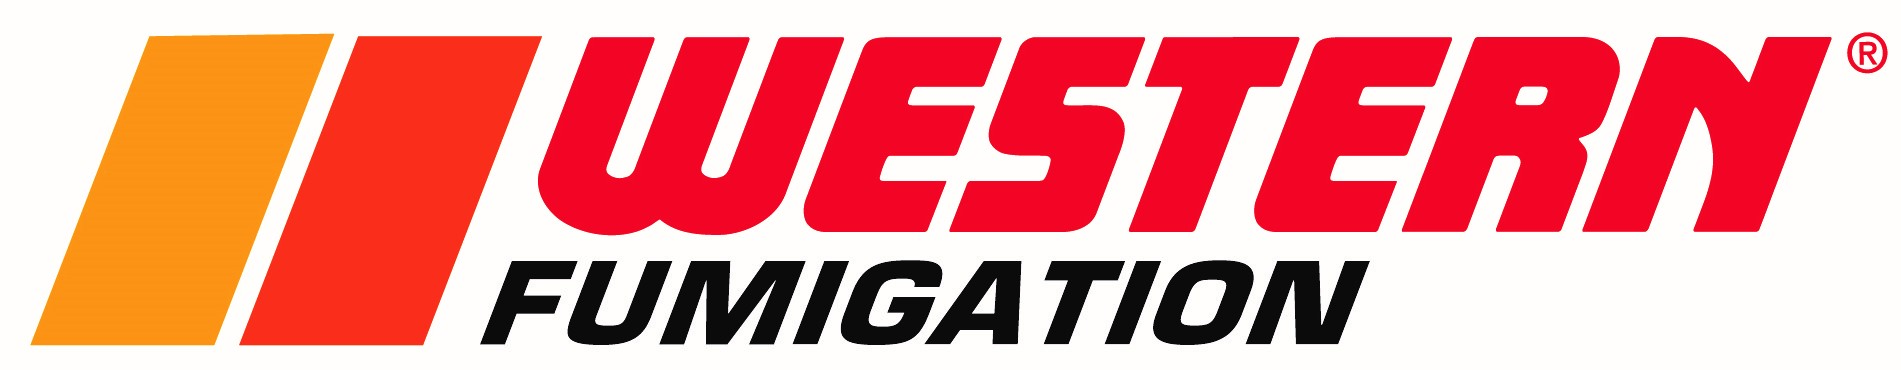 2021 Western Fumigation Logo